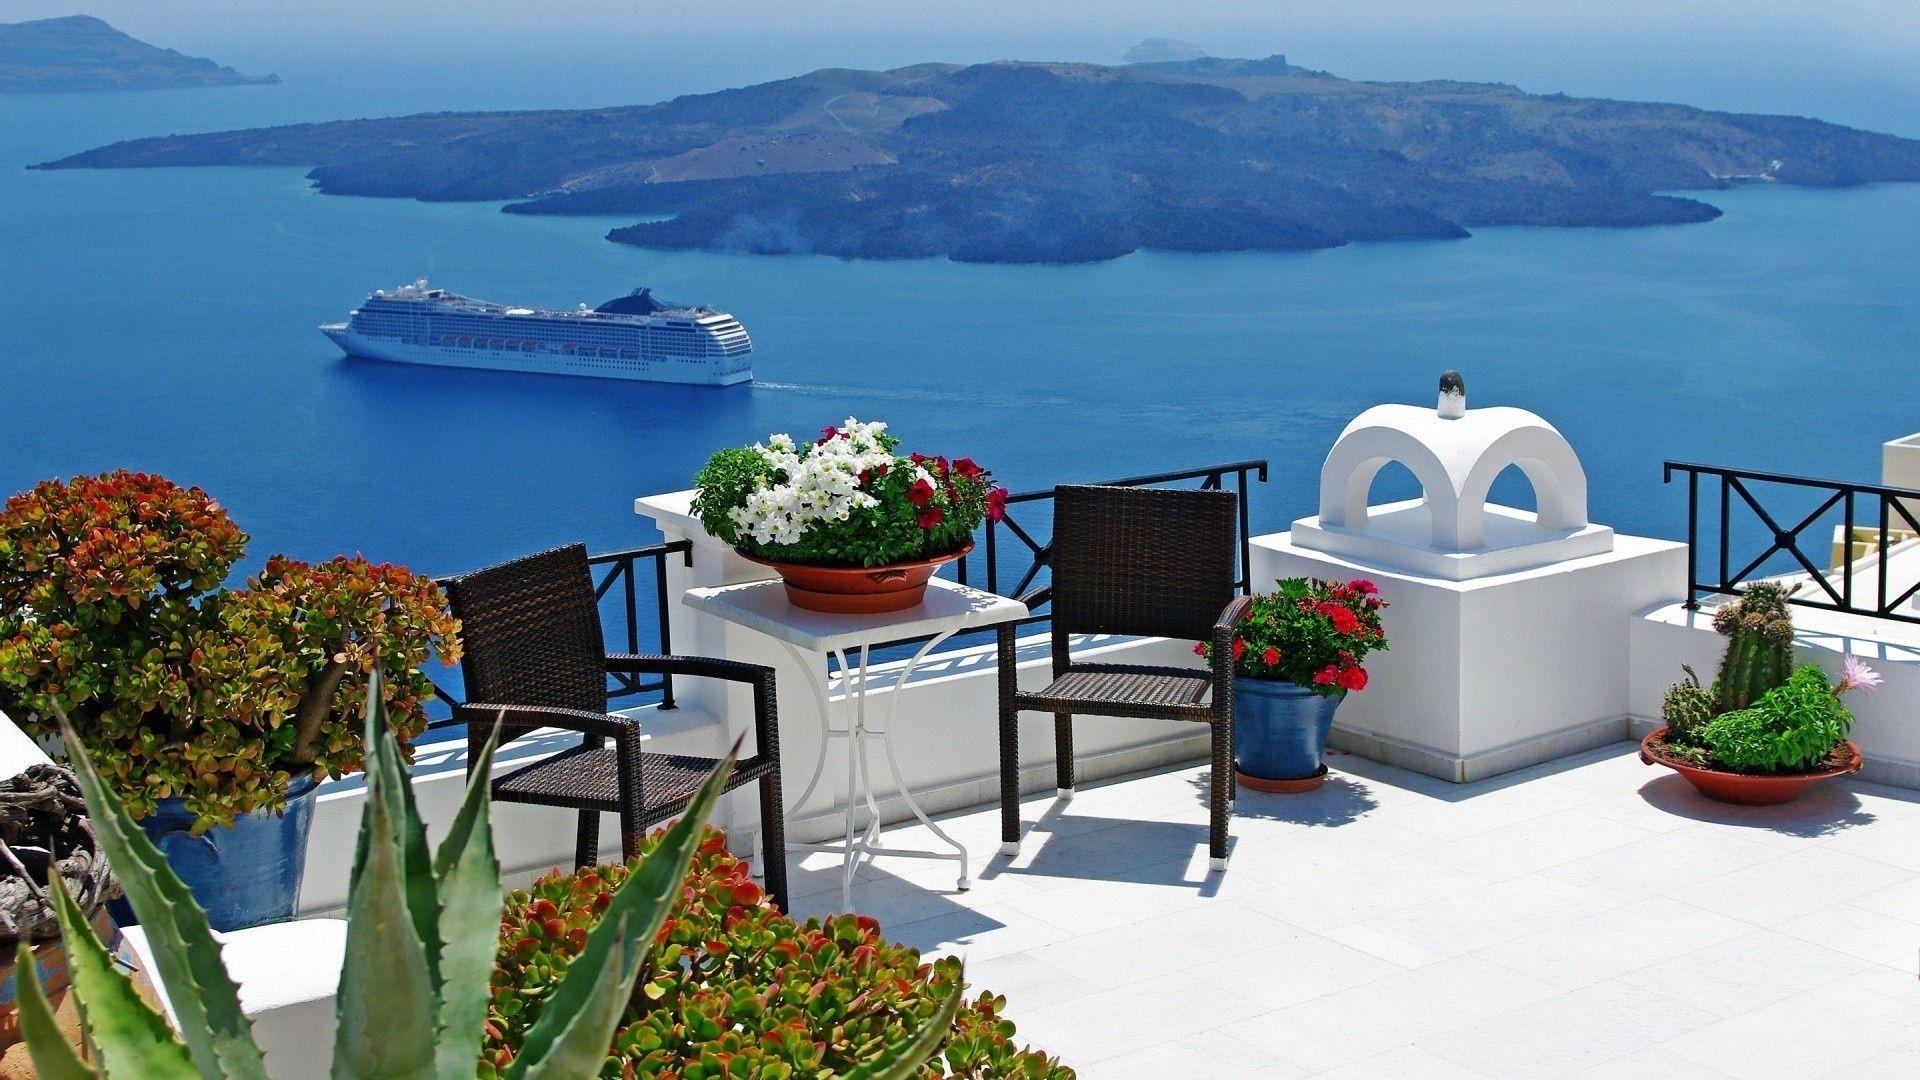 Santorini Download Wallpaper